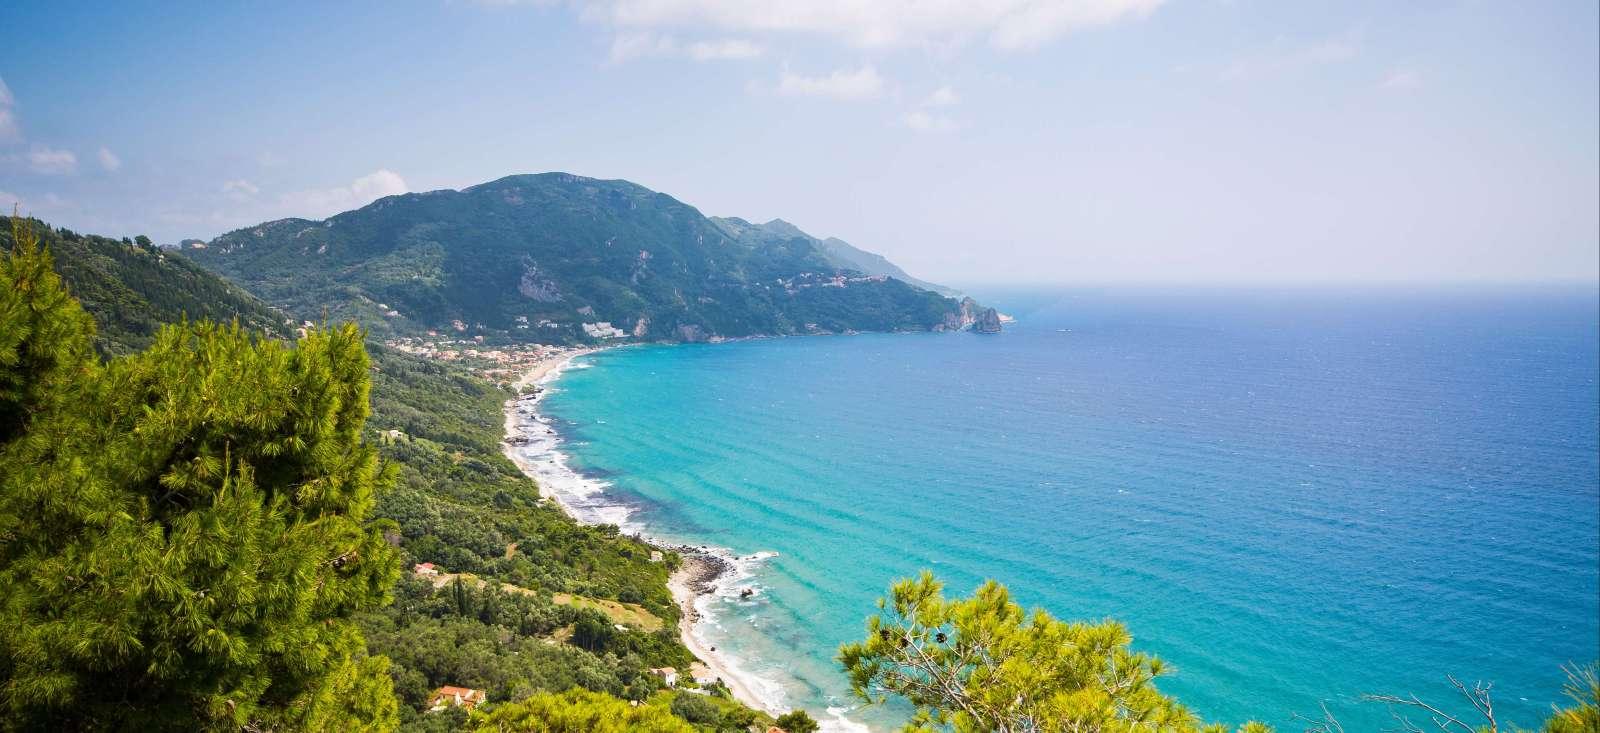 Voyage à pied : Corfou,le joyau vert des îles grecques